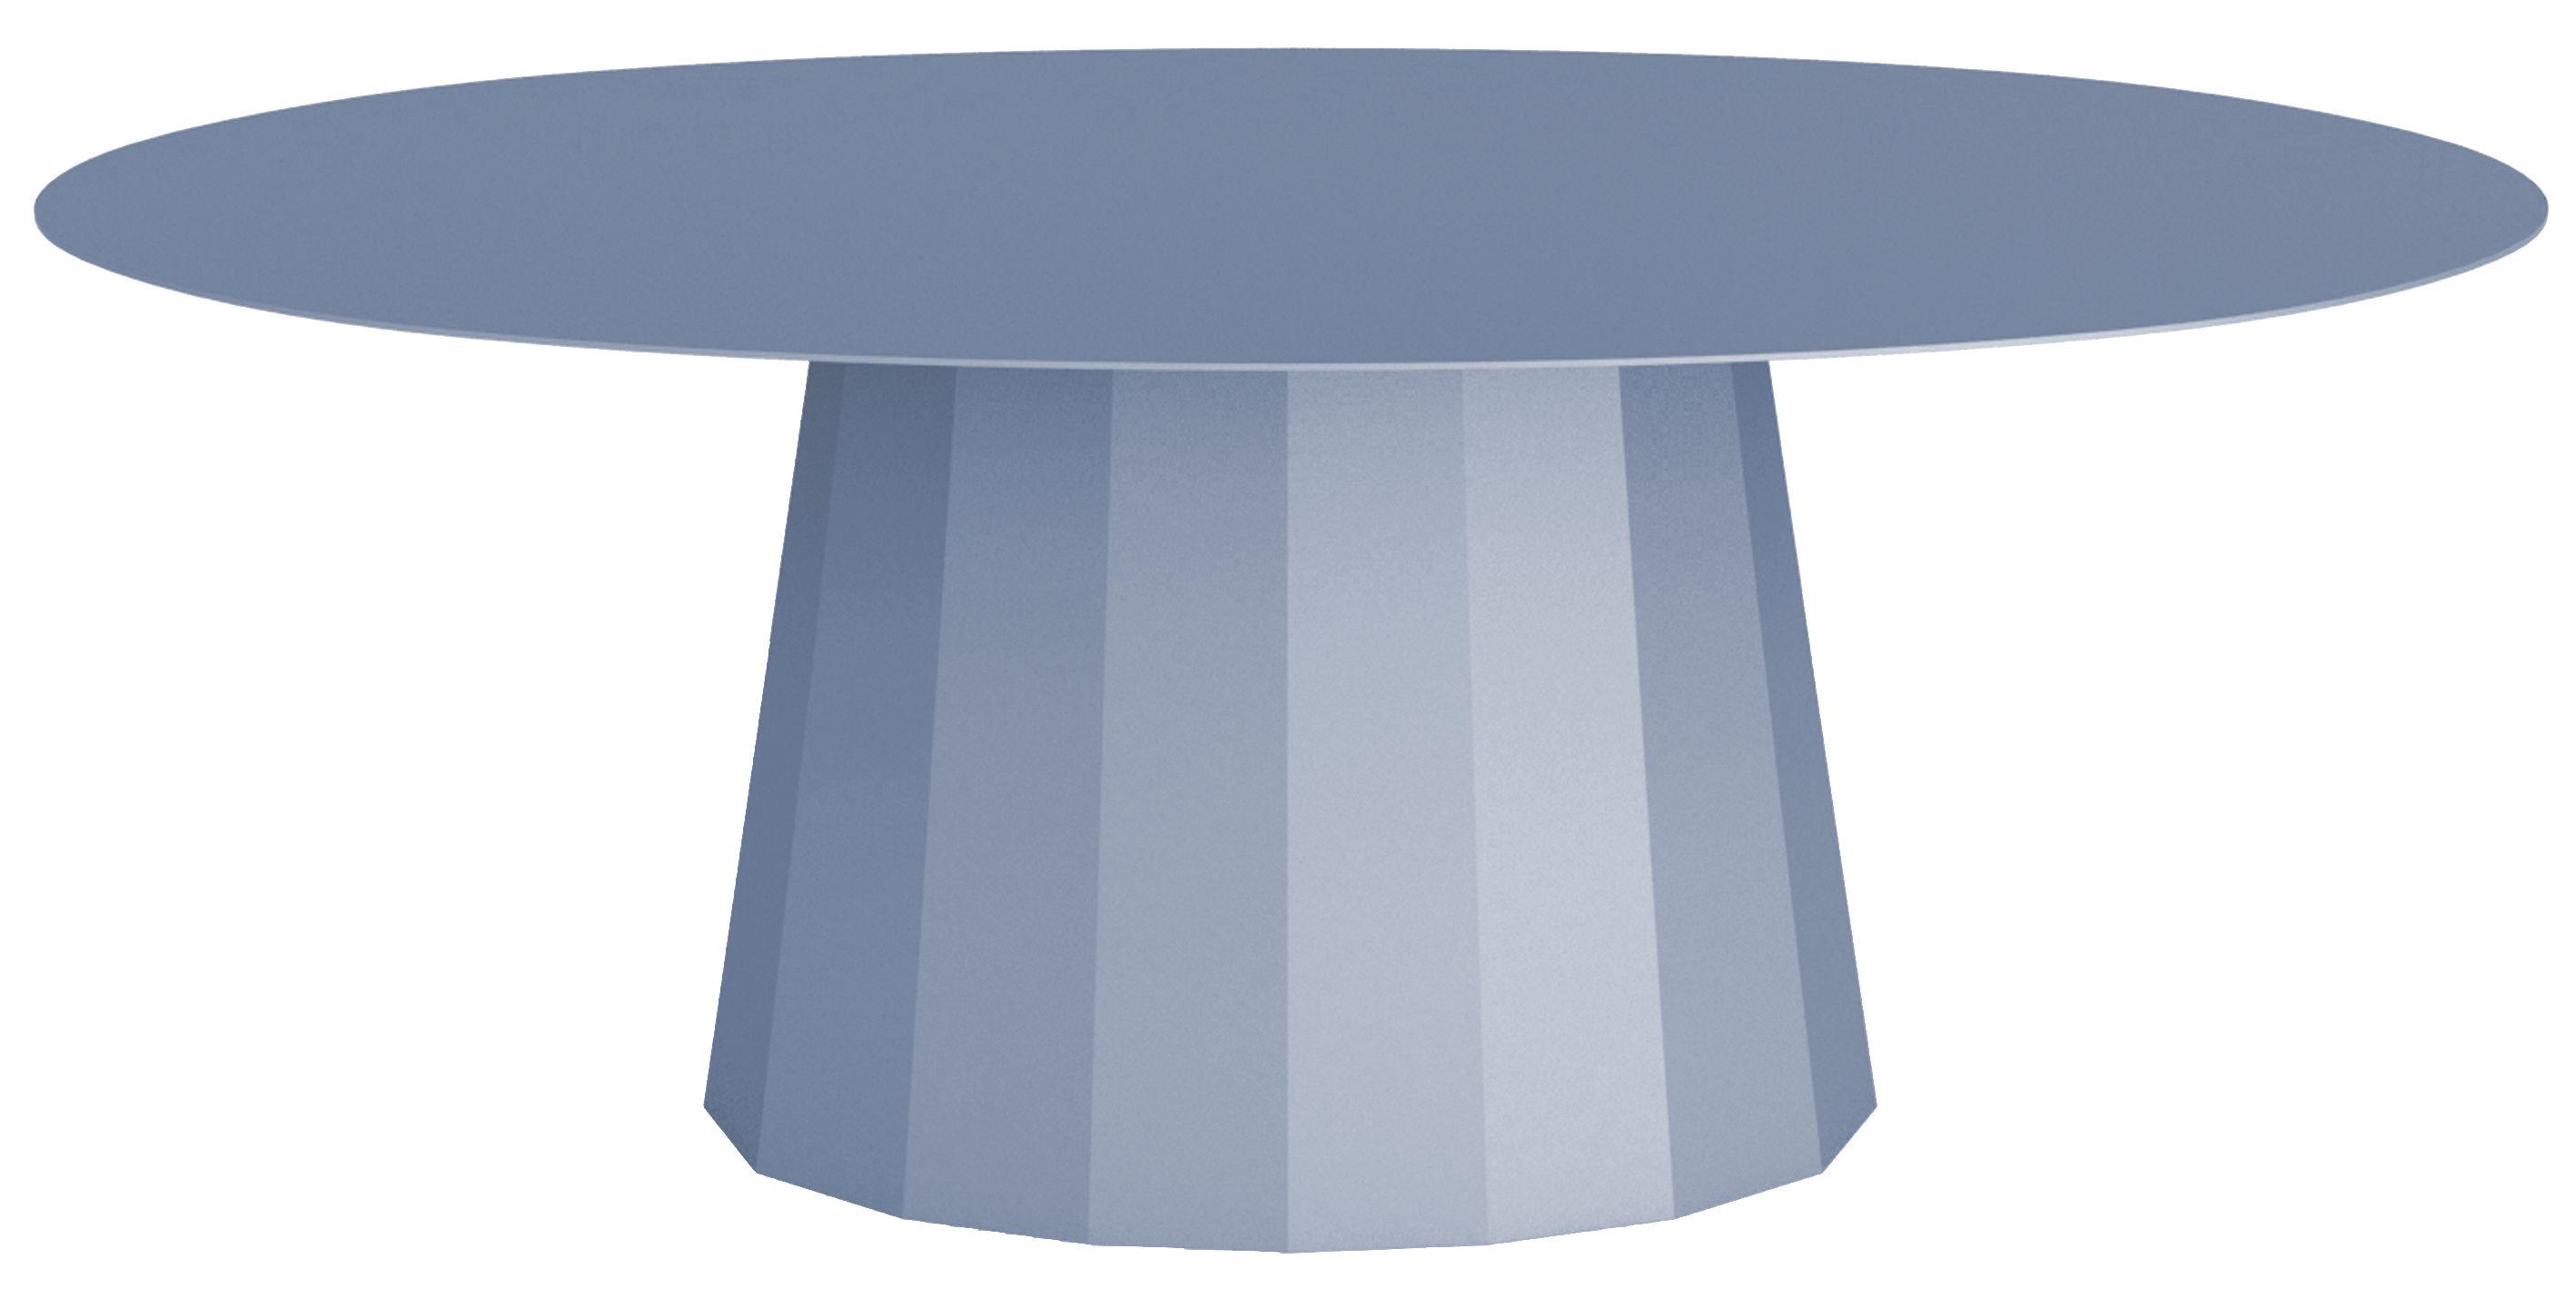 Arredamento - Tavolini  - Tavolino basso Ankara / L 109 x H 42 cm - Matière Grise - Blu colombo - Acciaio verniciato